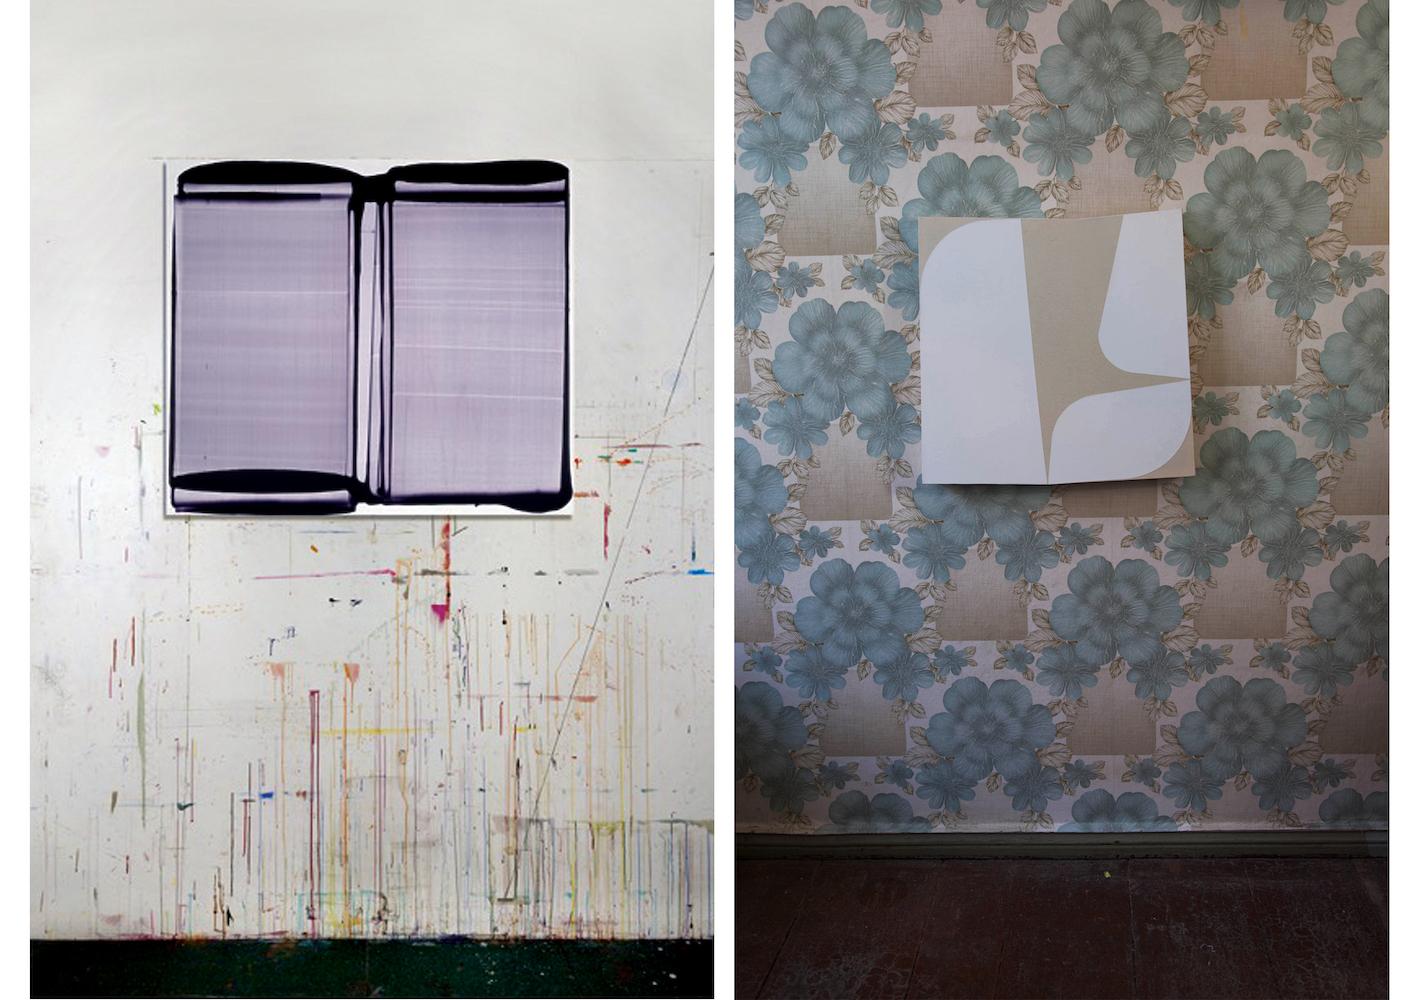 Galerie_Exit_art_contemporain_Code_Couleur_Katrin_Bremermann_Marie_Thurman.jpg